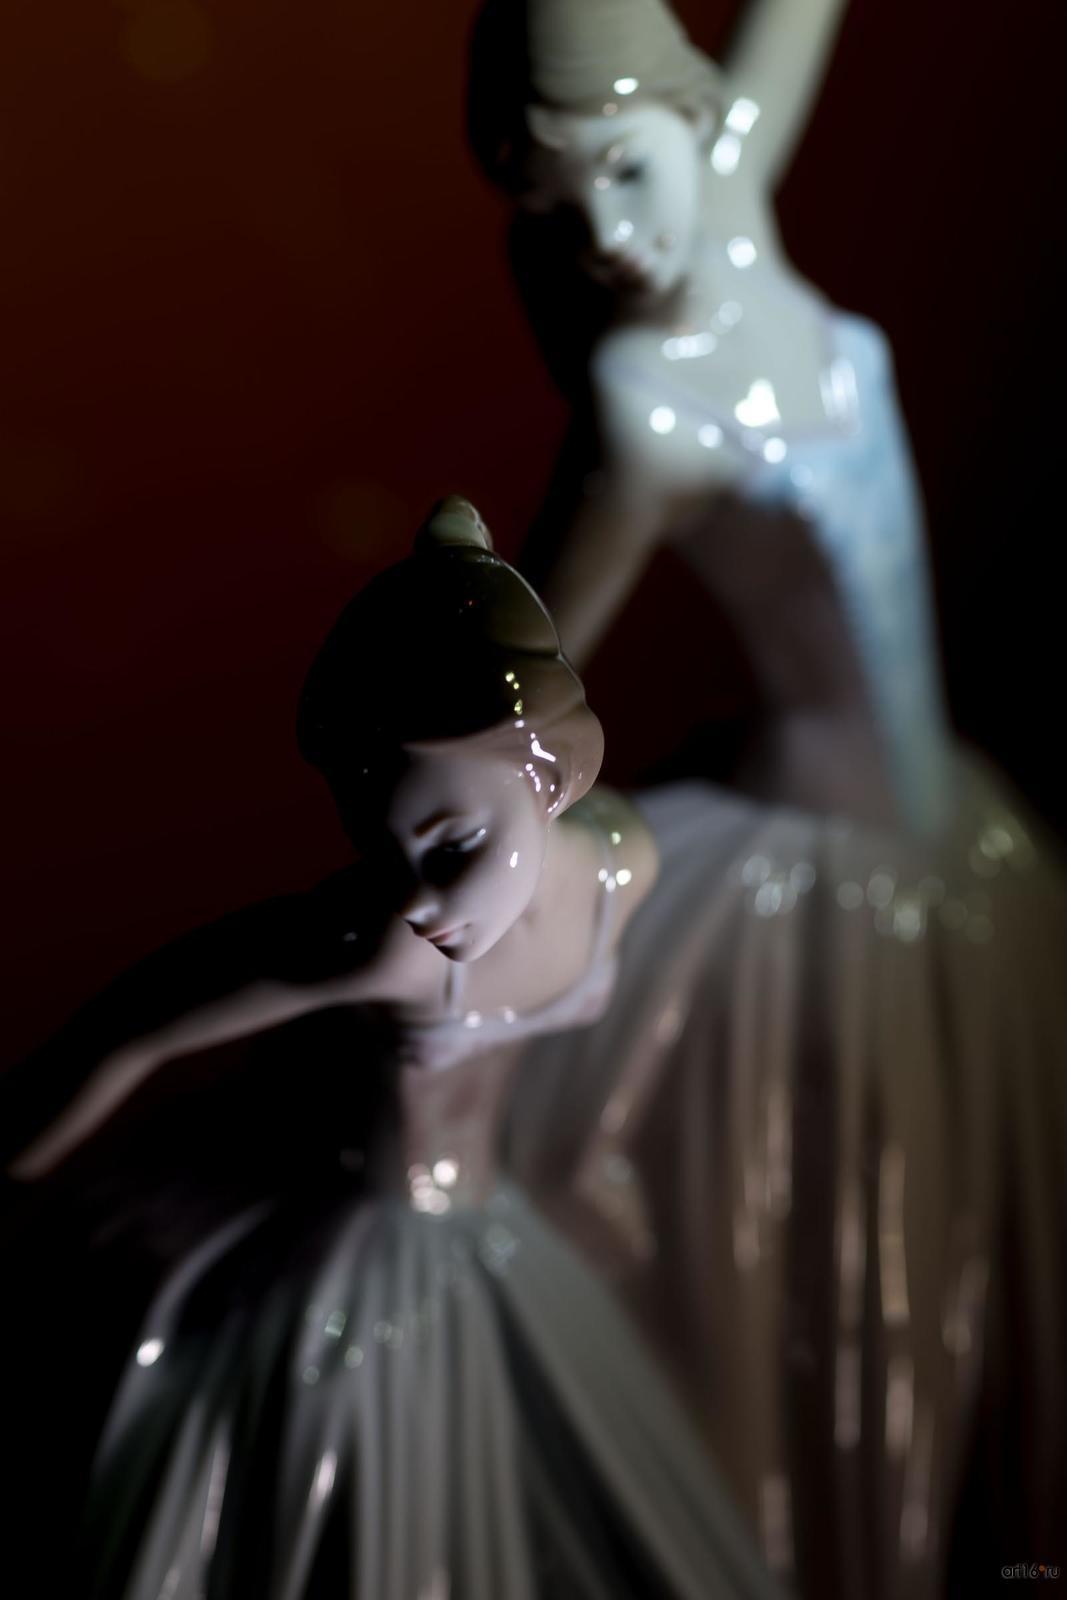 Фото №865721. Прекрасный балет. Скульптор Сальвадор Дебон. 1979-2005 гг. (фрагмент)